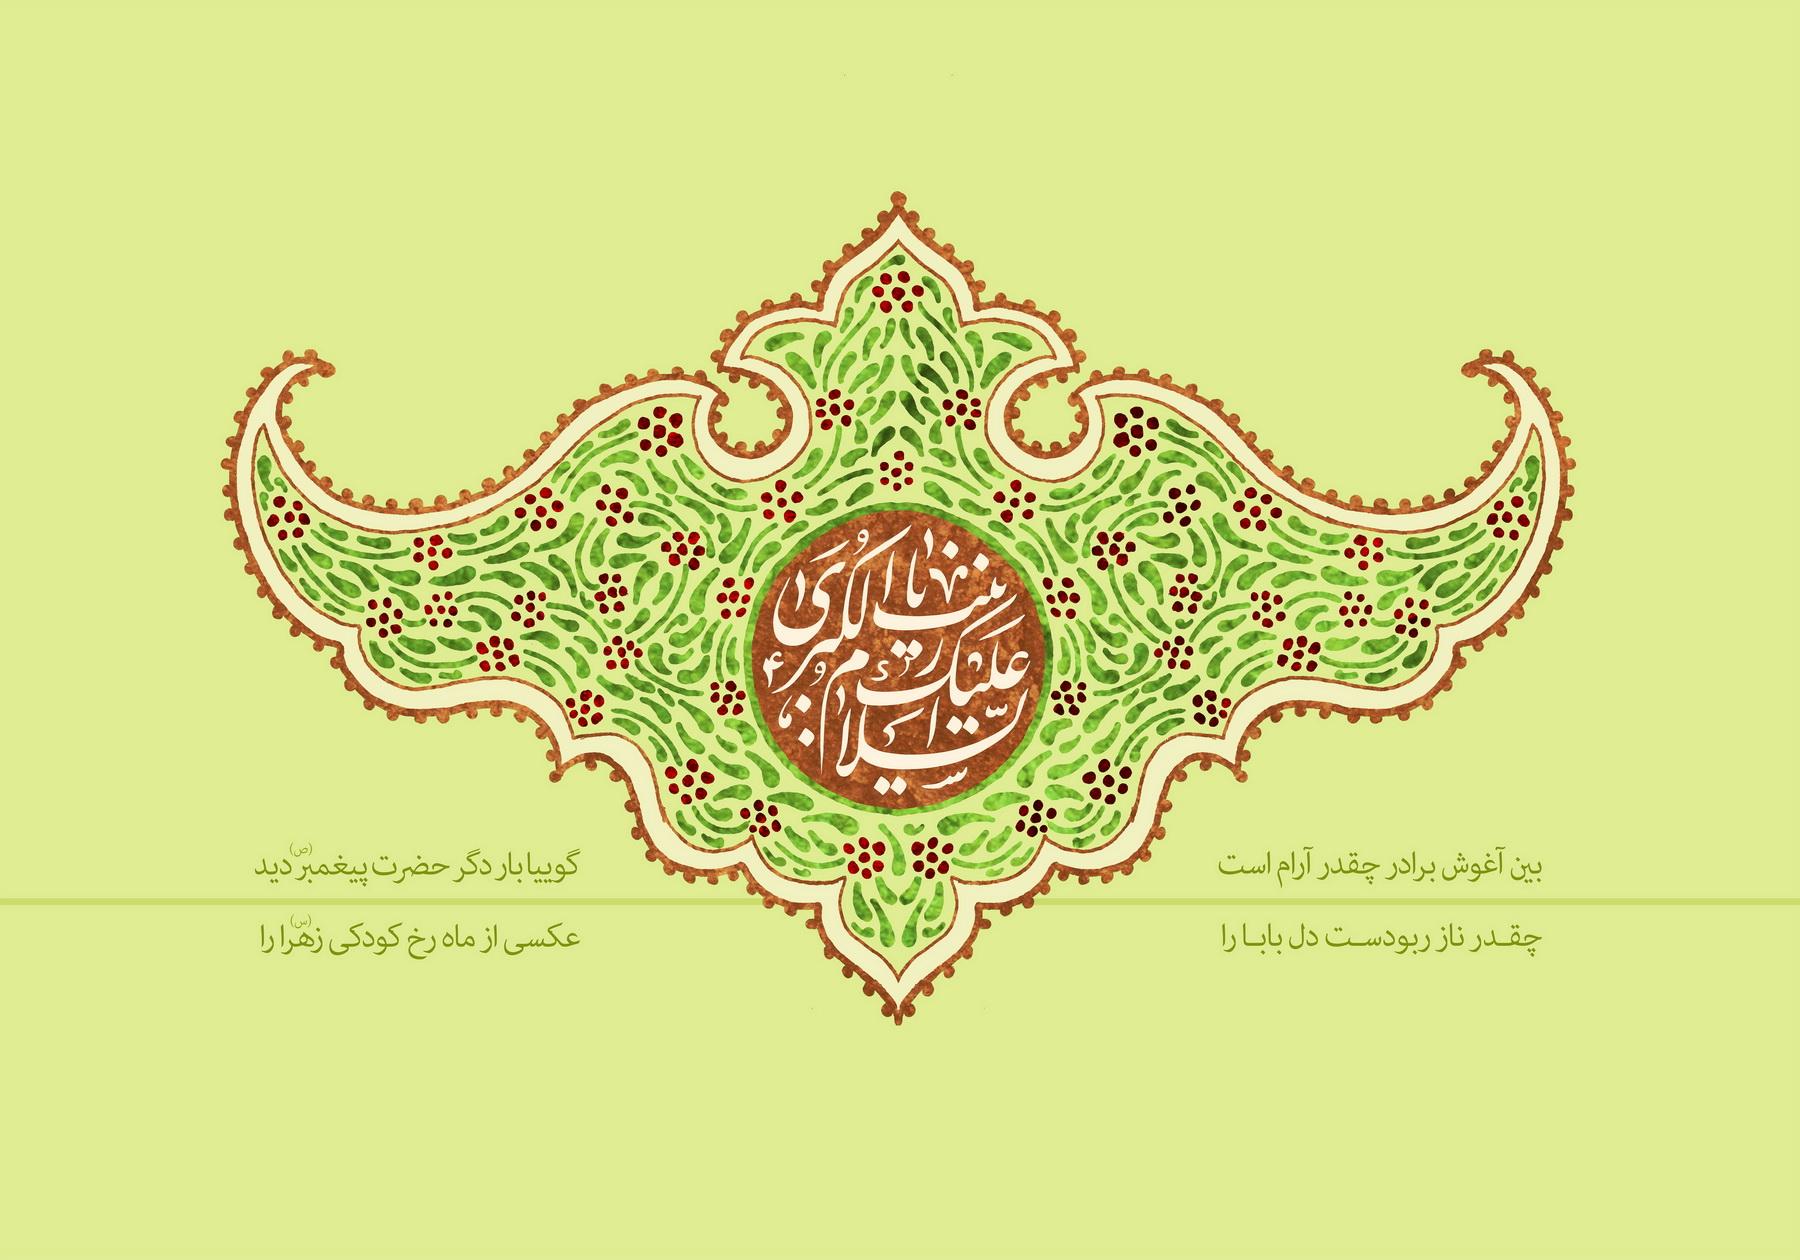 السلام علیک یازینب الکبری(س)